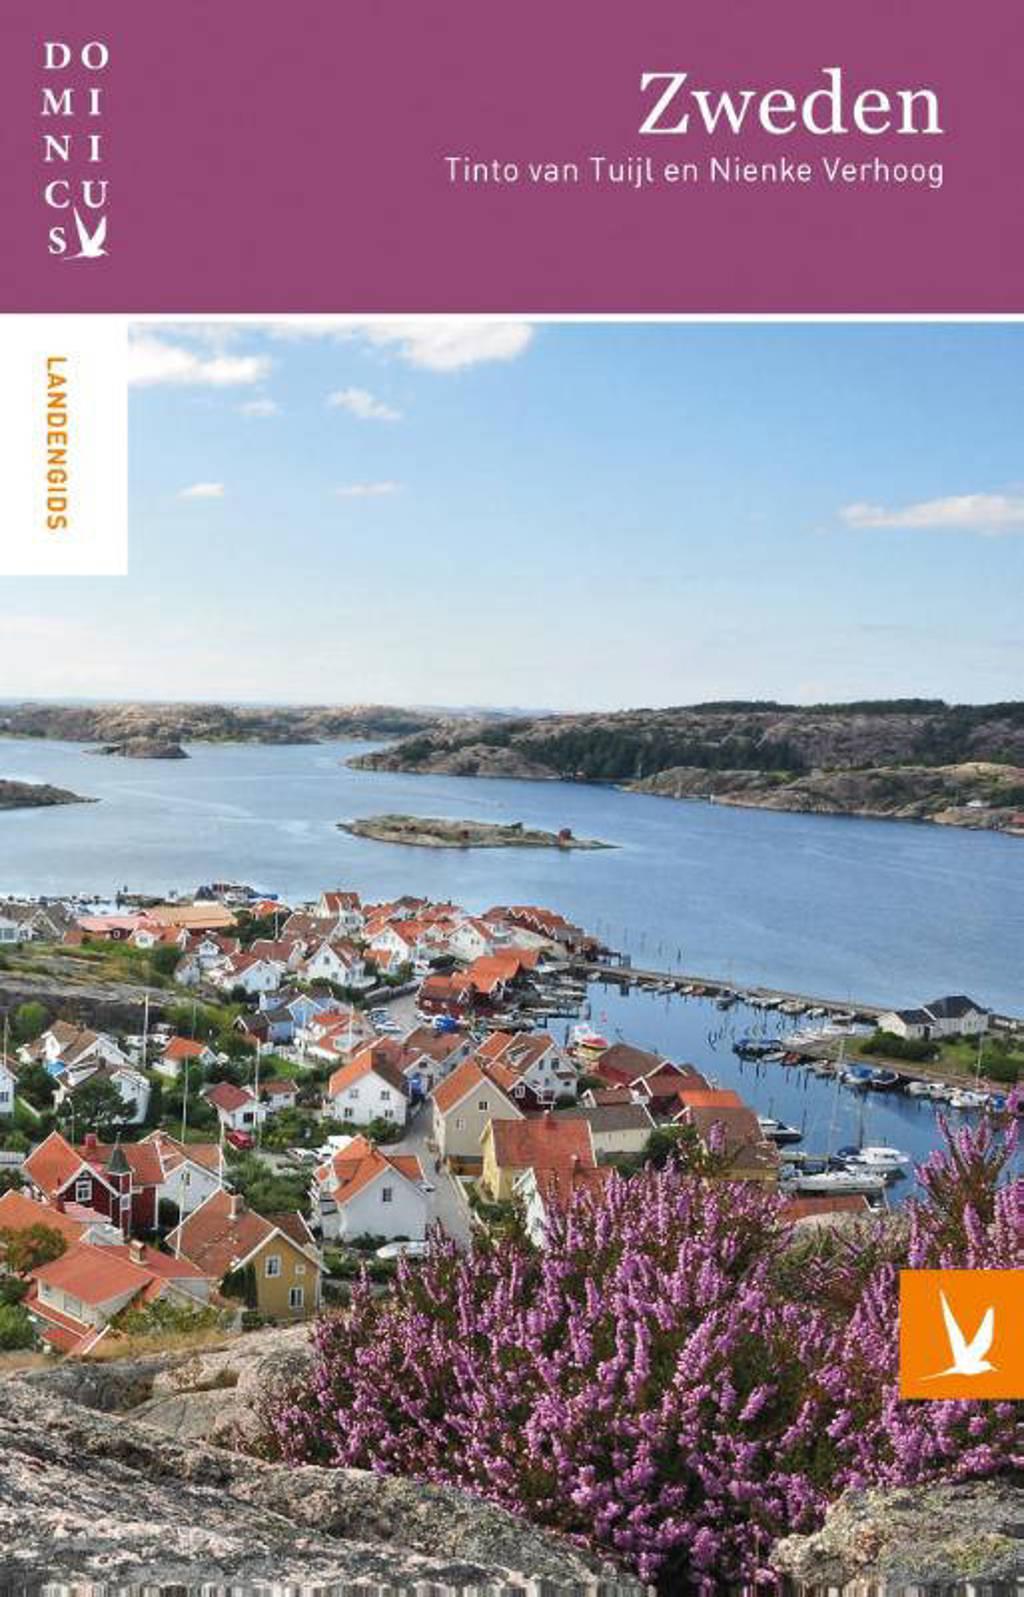 Dominicus landengids: Zweden - Tinto van Tuijl en Nienke Verhoog